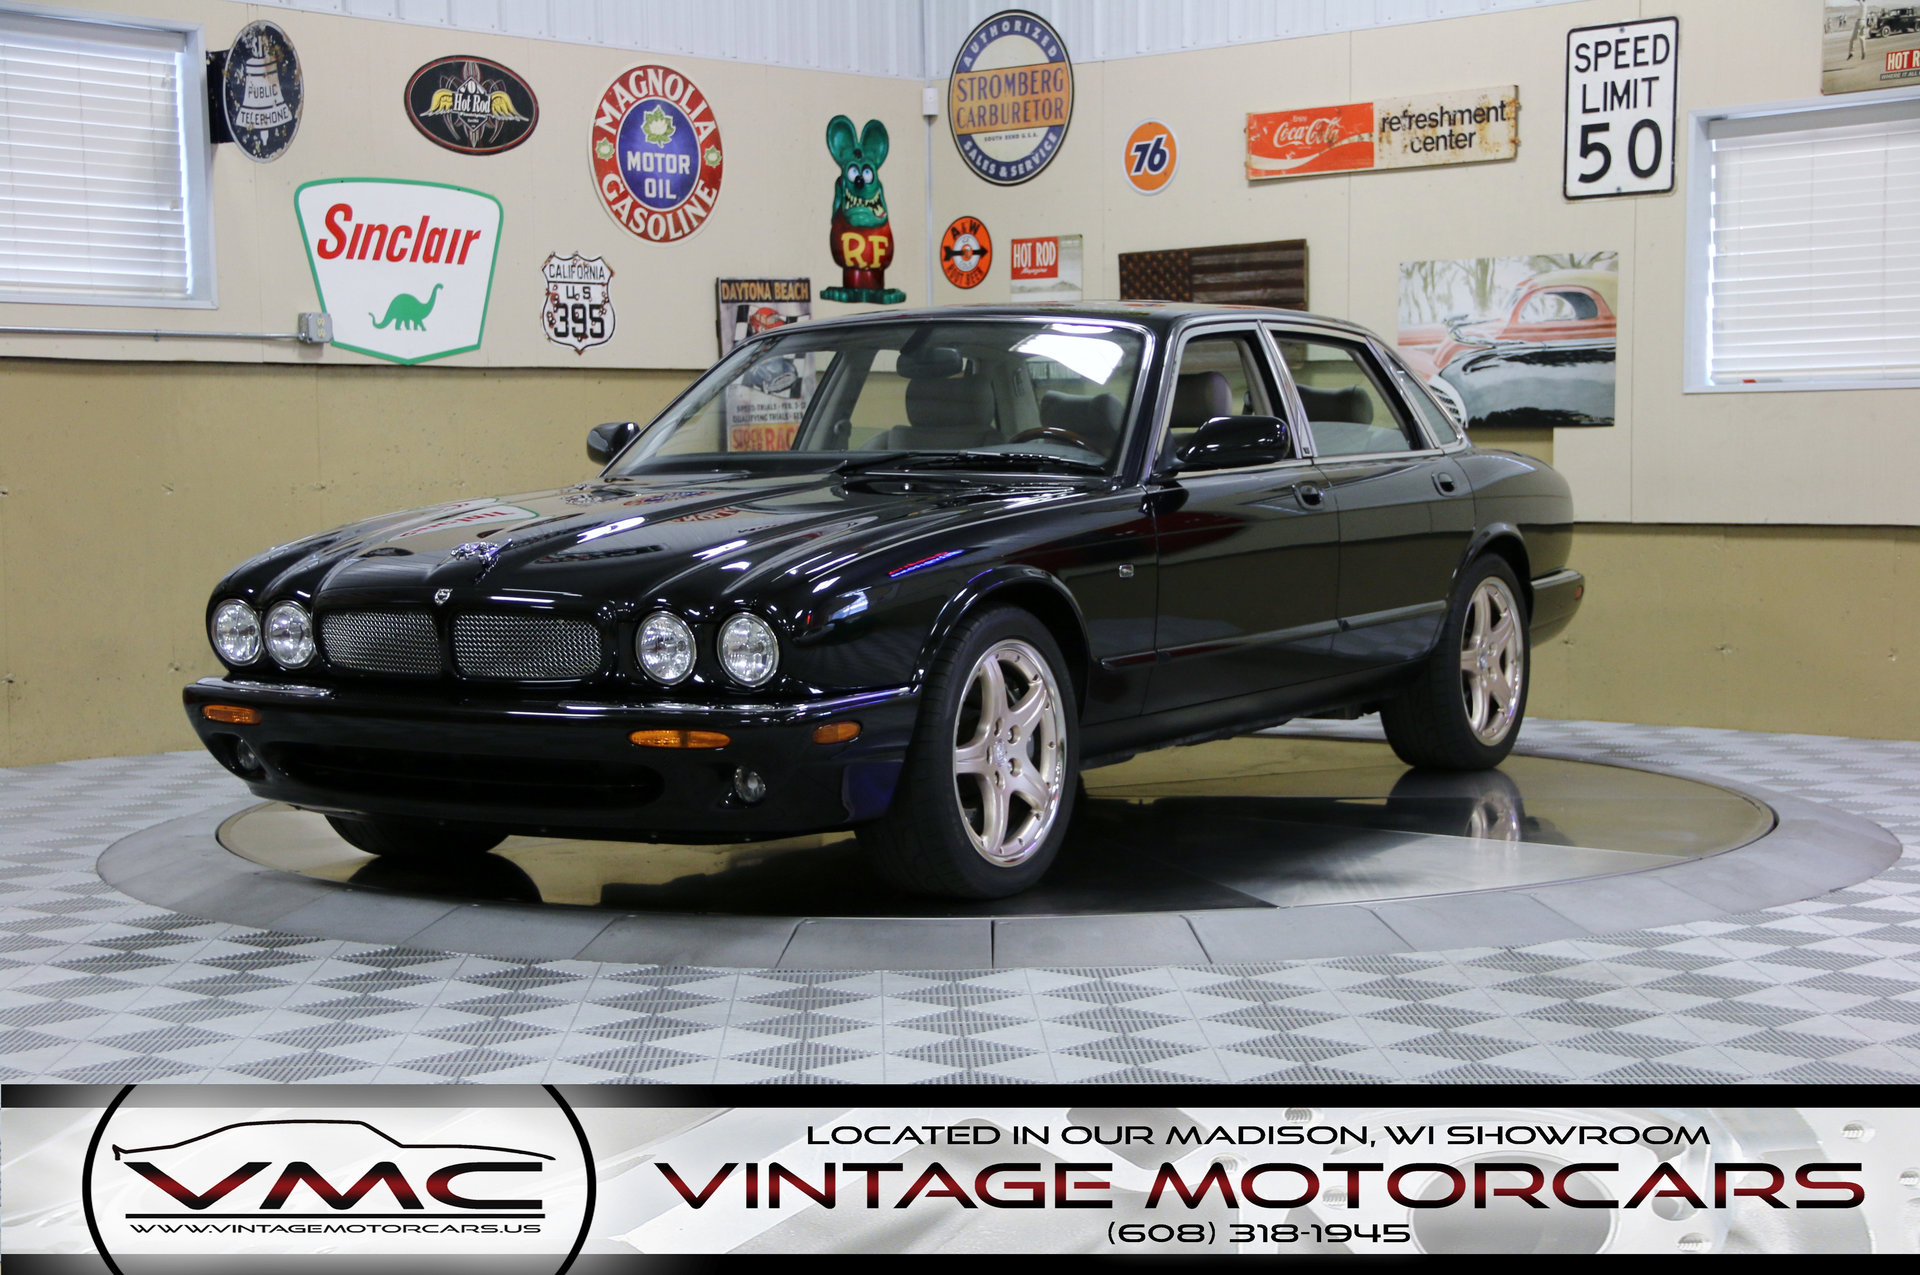 8001abfbcf7c hd 2001 jaguar xjr